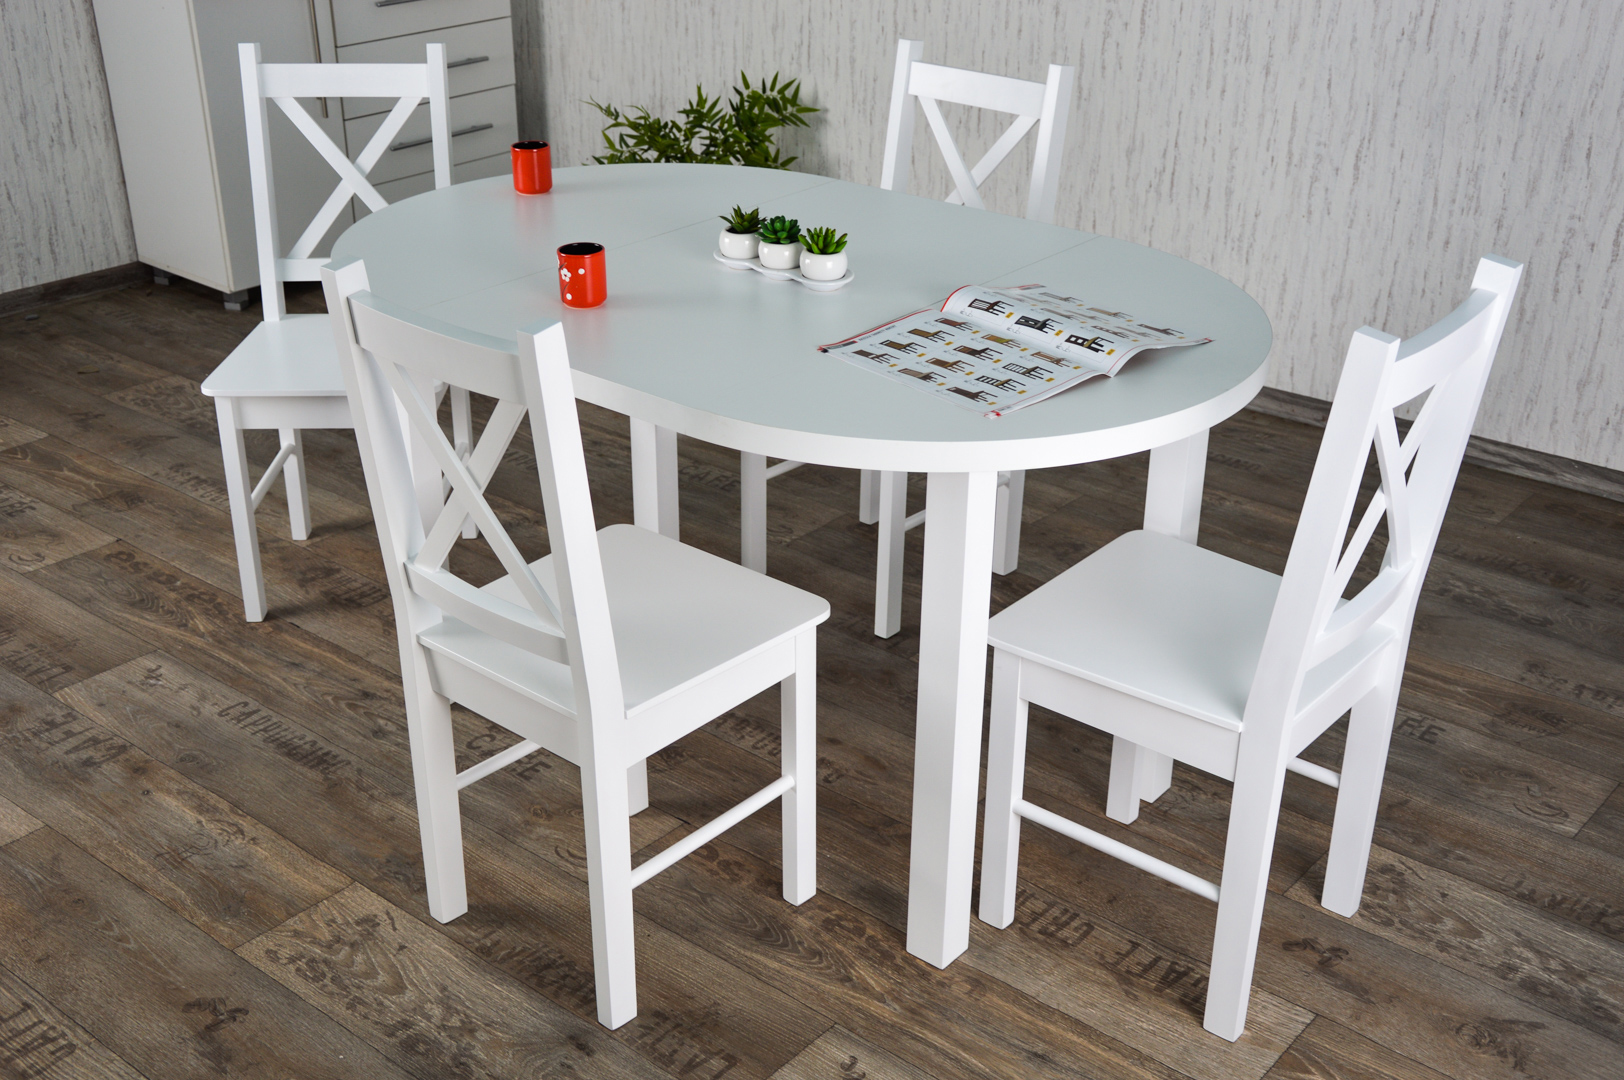 Krzesla Nowoczesne Do Kuchni A Styl Prowansalski Stol Plus Krzesla